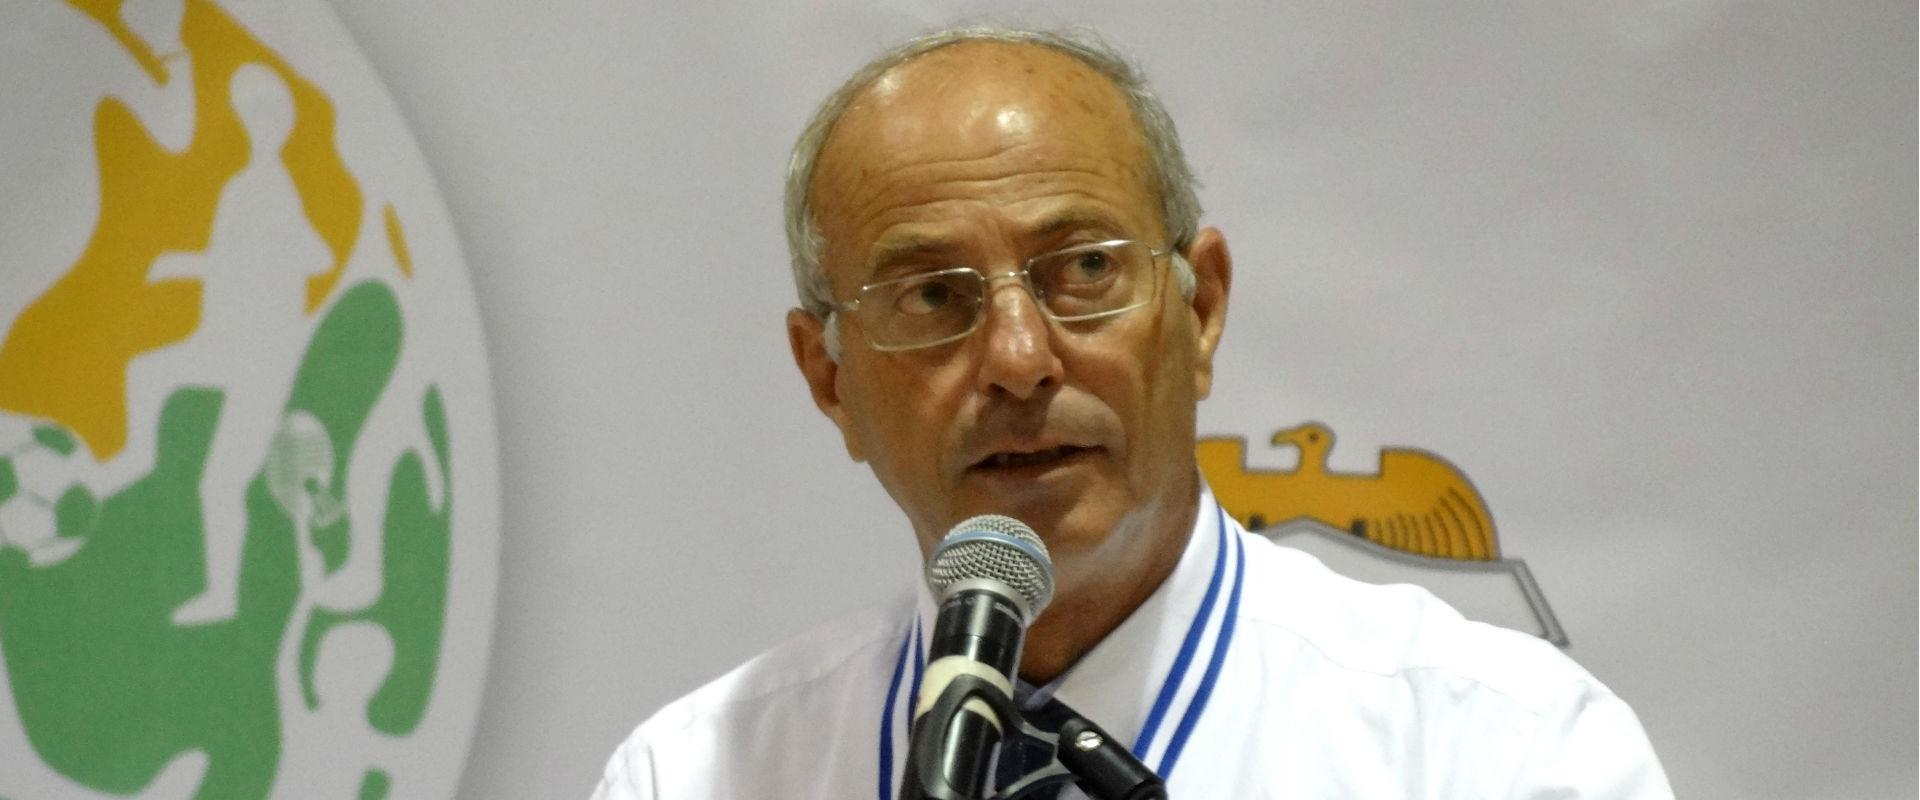 ראש עיריית נשר, אבי בינמו